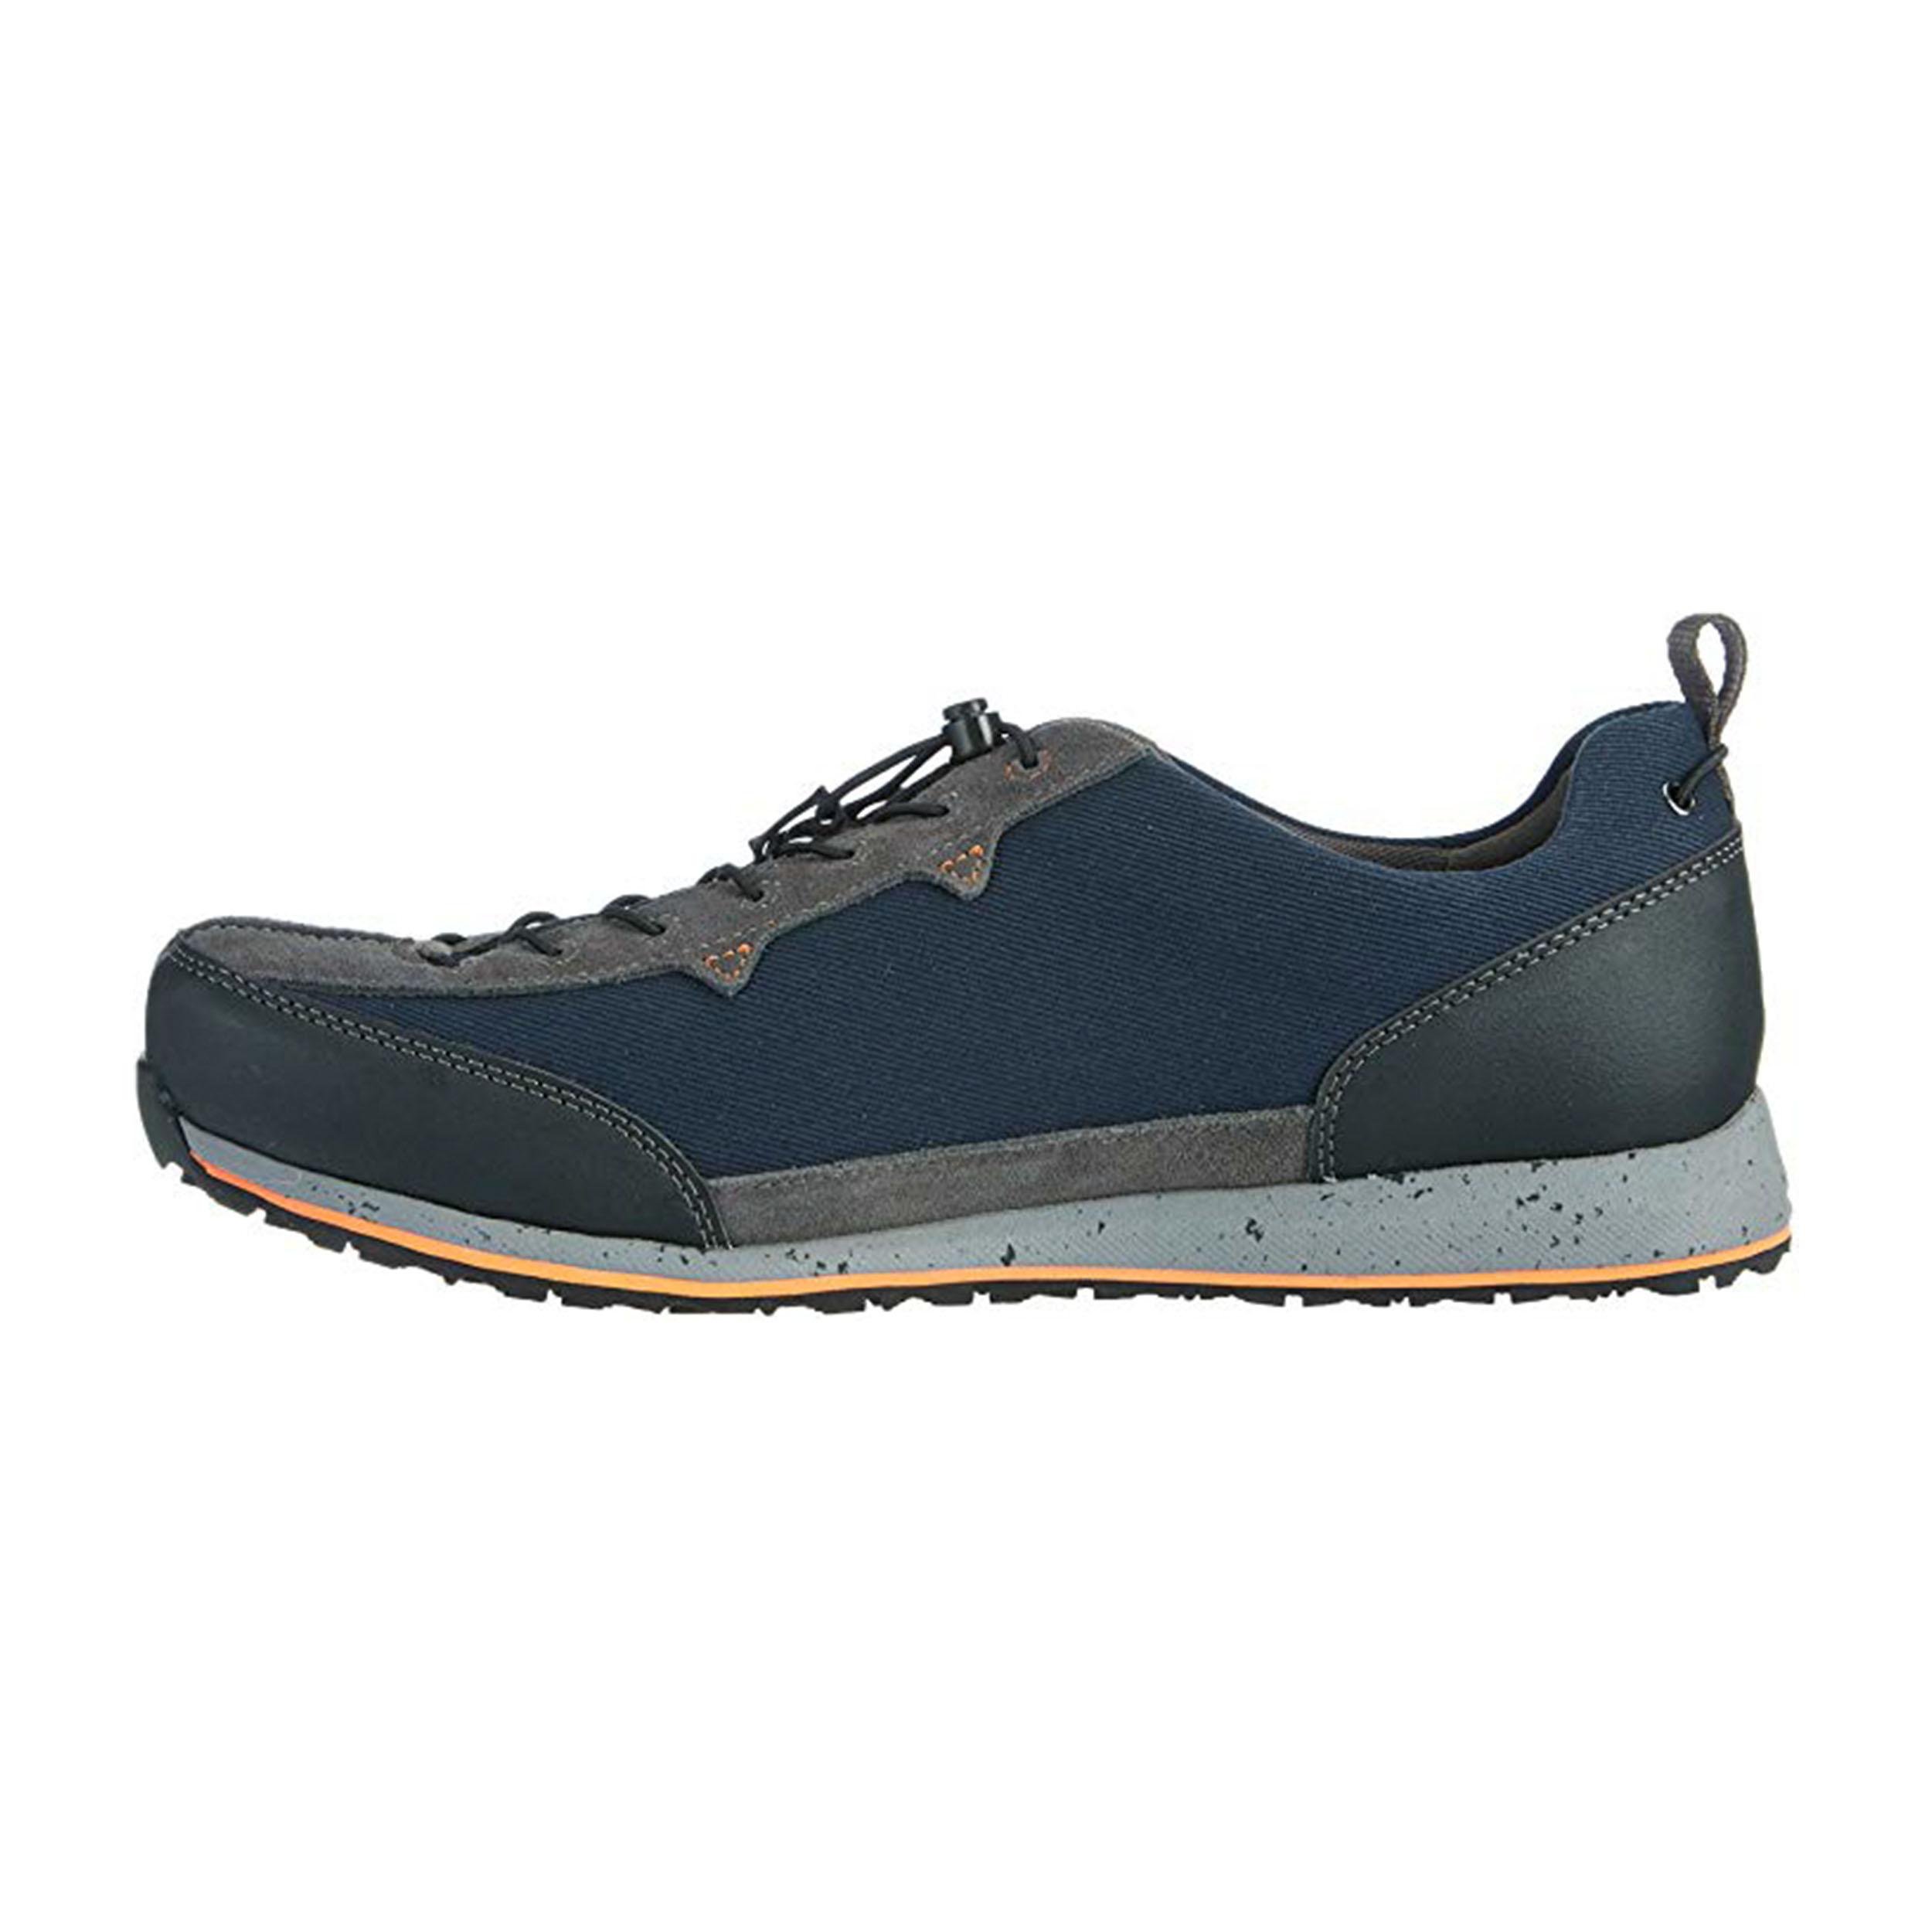 کفش مخصوص پیاده روی مردانه کلارک مدل CAMPTON TRAIL